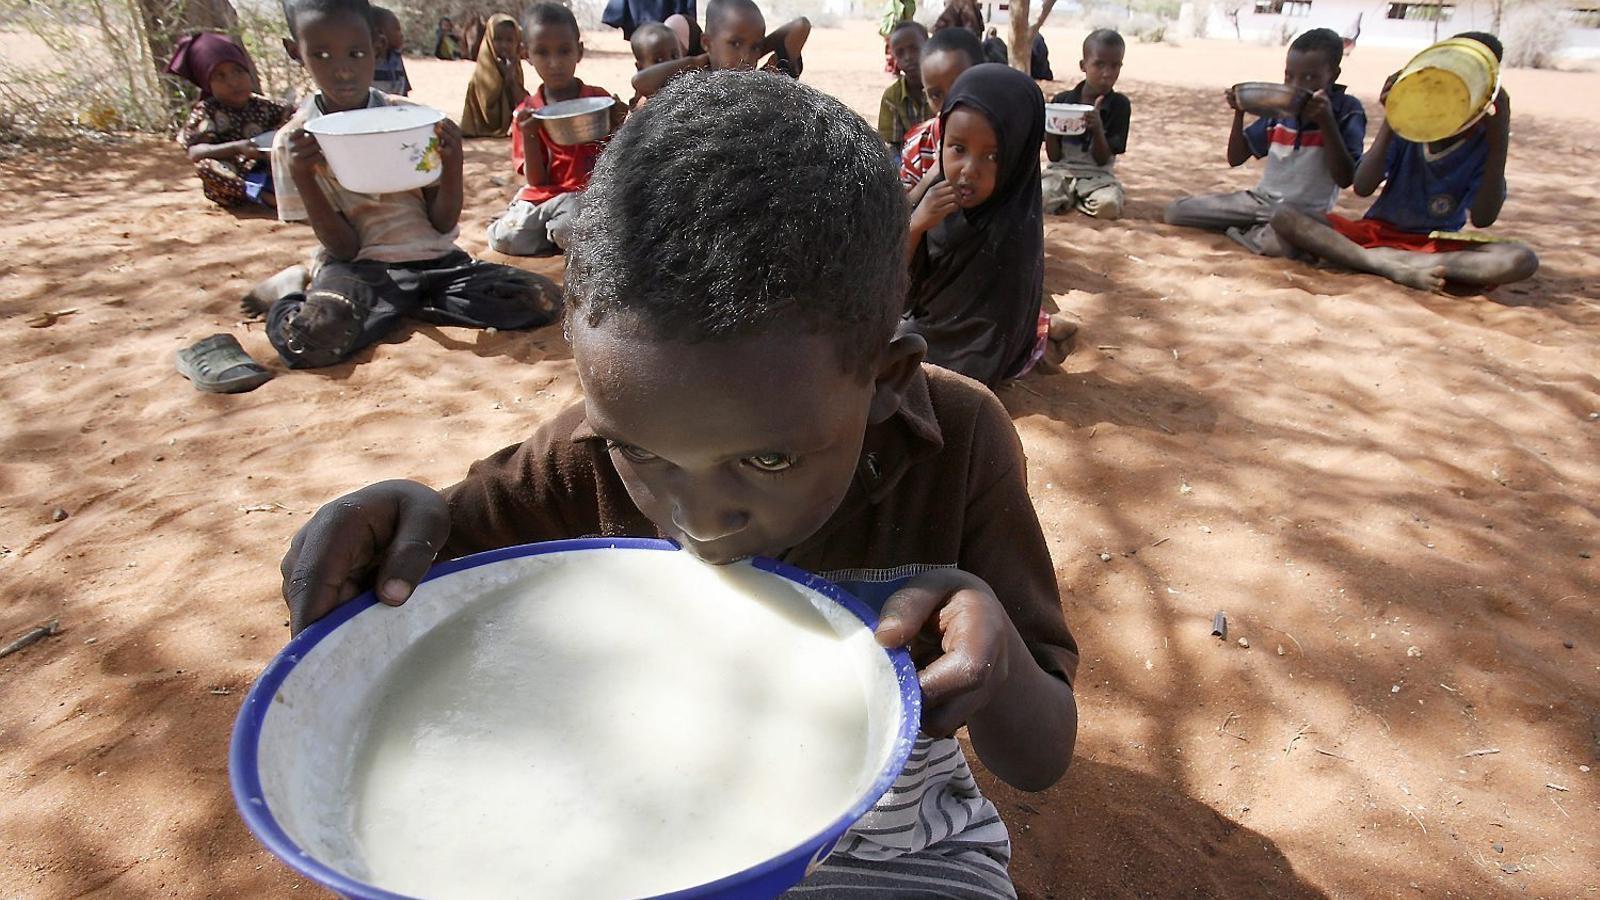 A l'Àfrica Sub-sahariana, dos de cada tres nens viuen en la pobresa, sense allò necessari per sobreviure.